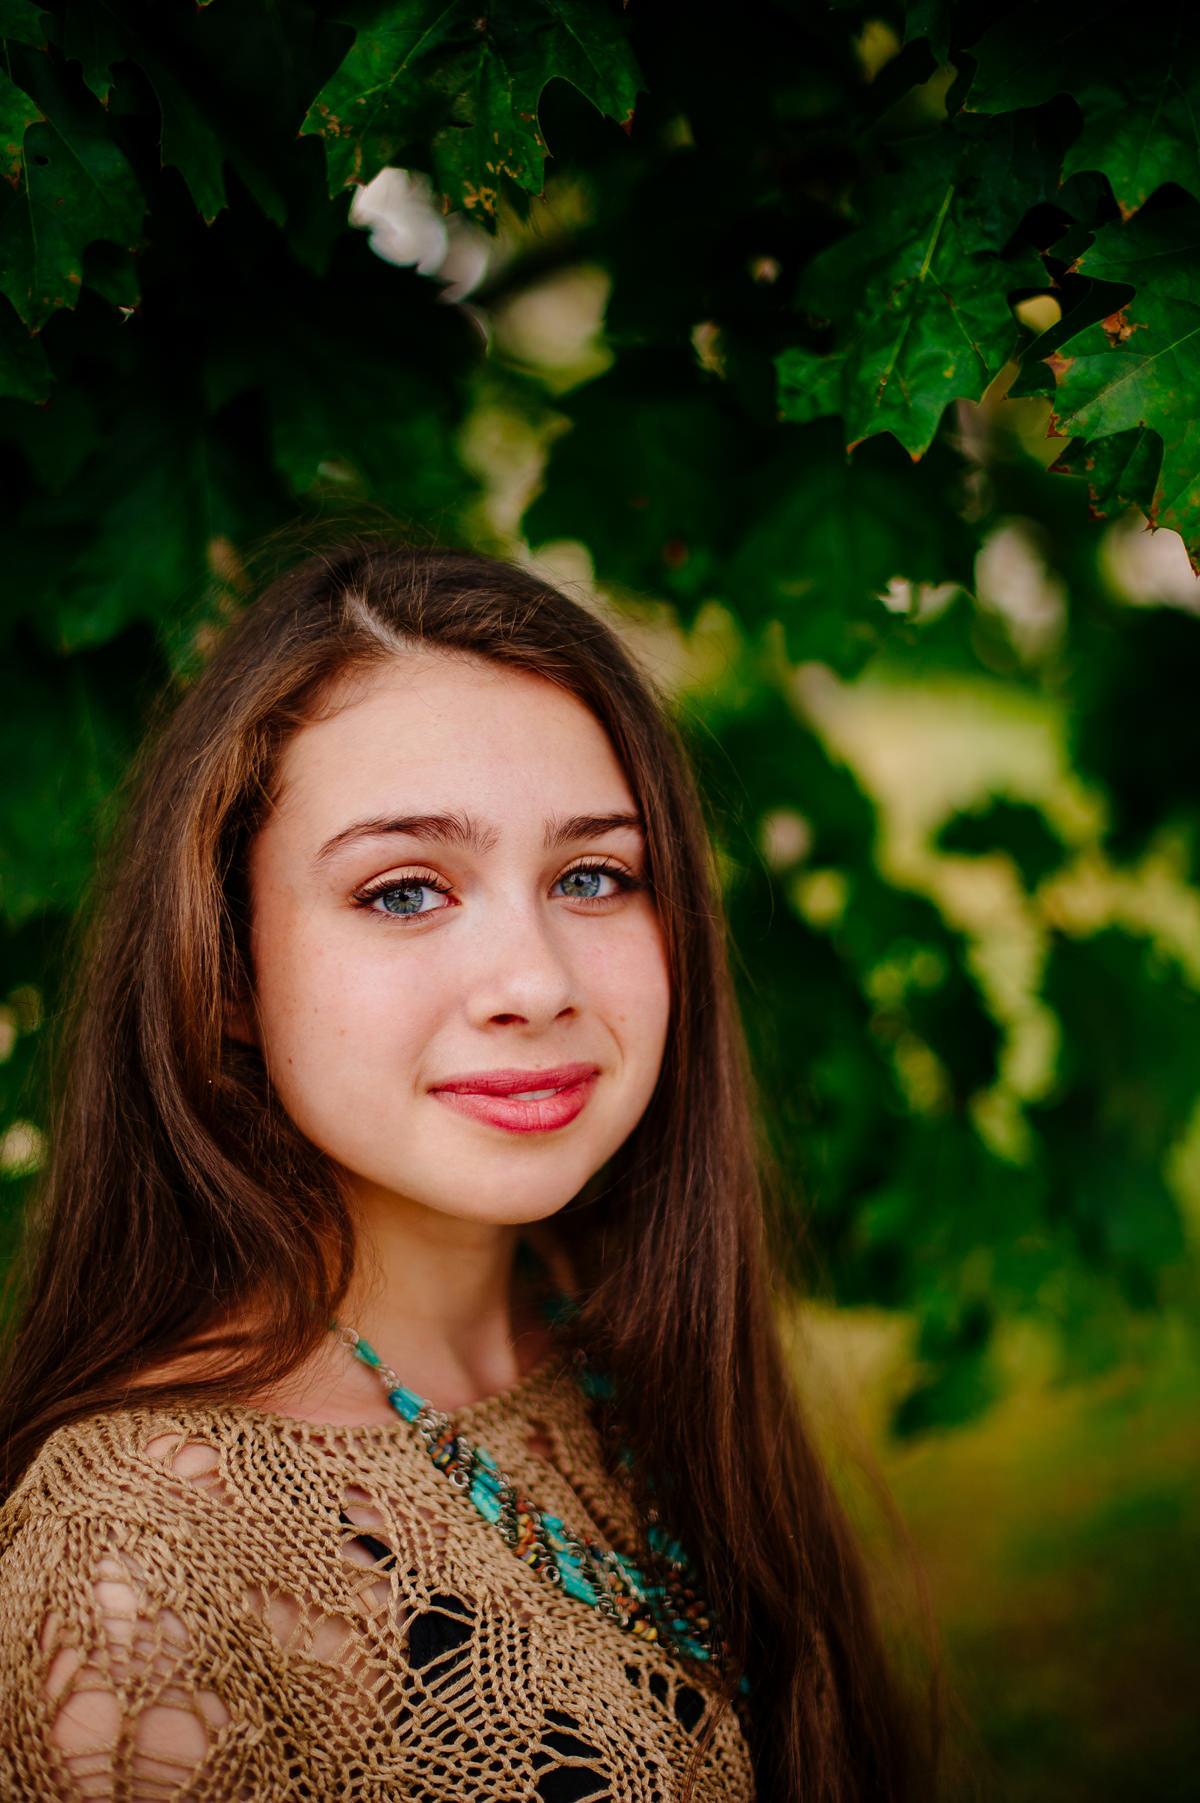 charleston wv senior portraits